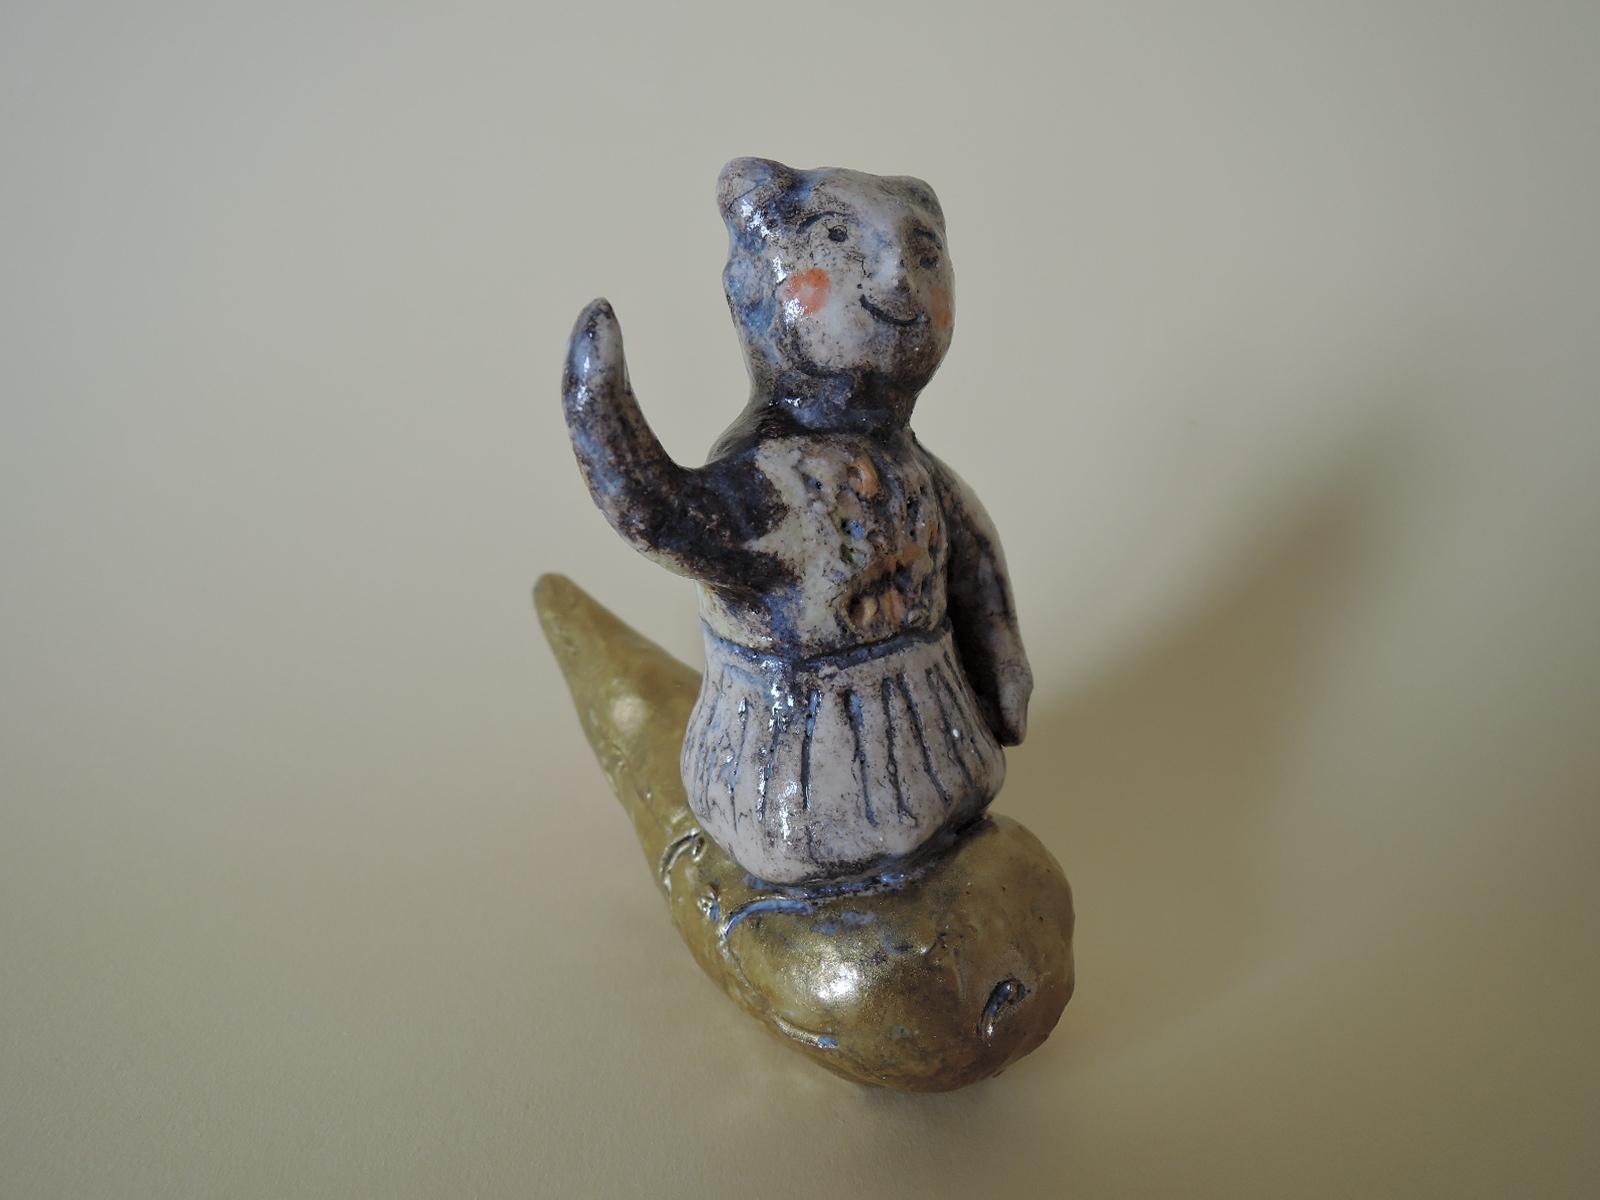 濱比嘉詩子さんの陶器の人形 雲に乗ったかみさま